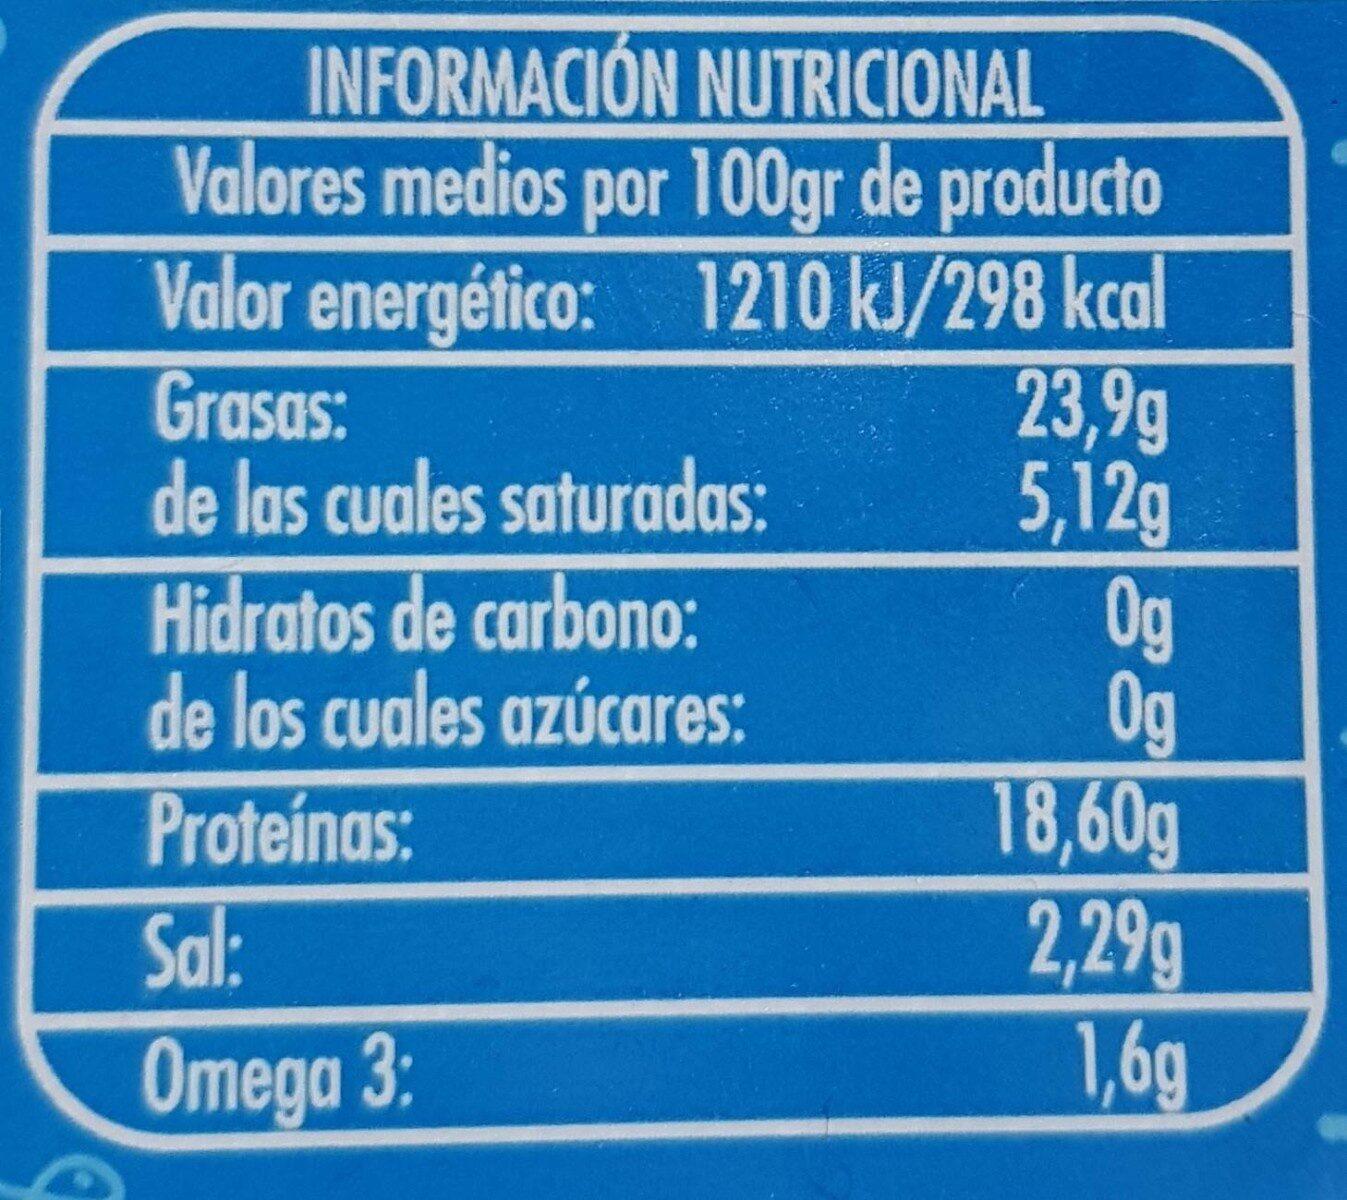 Sardinas en vinagre - Informació nutricional - es